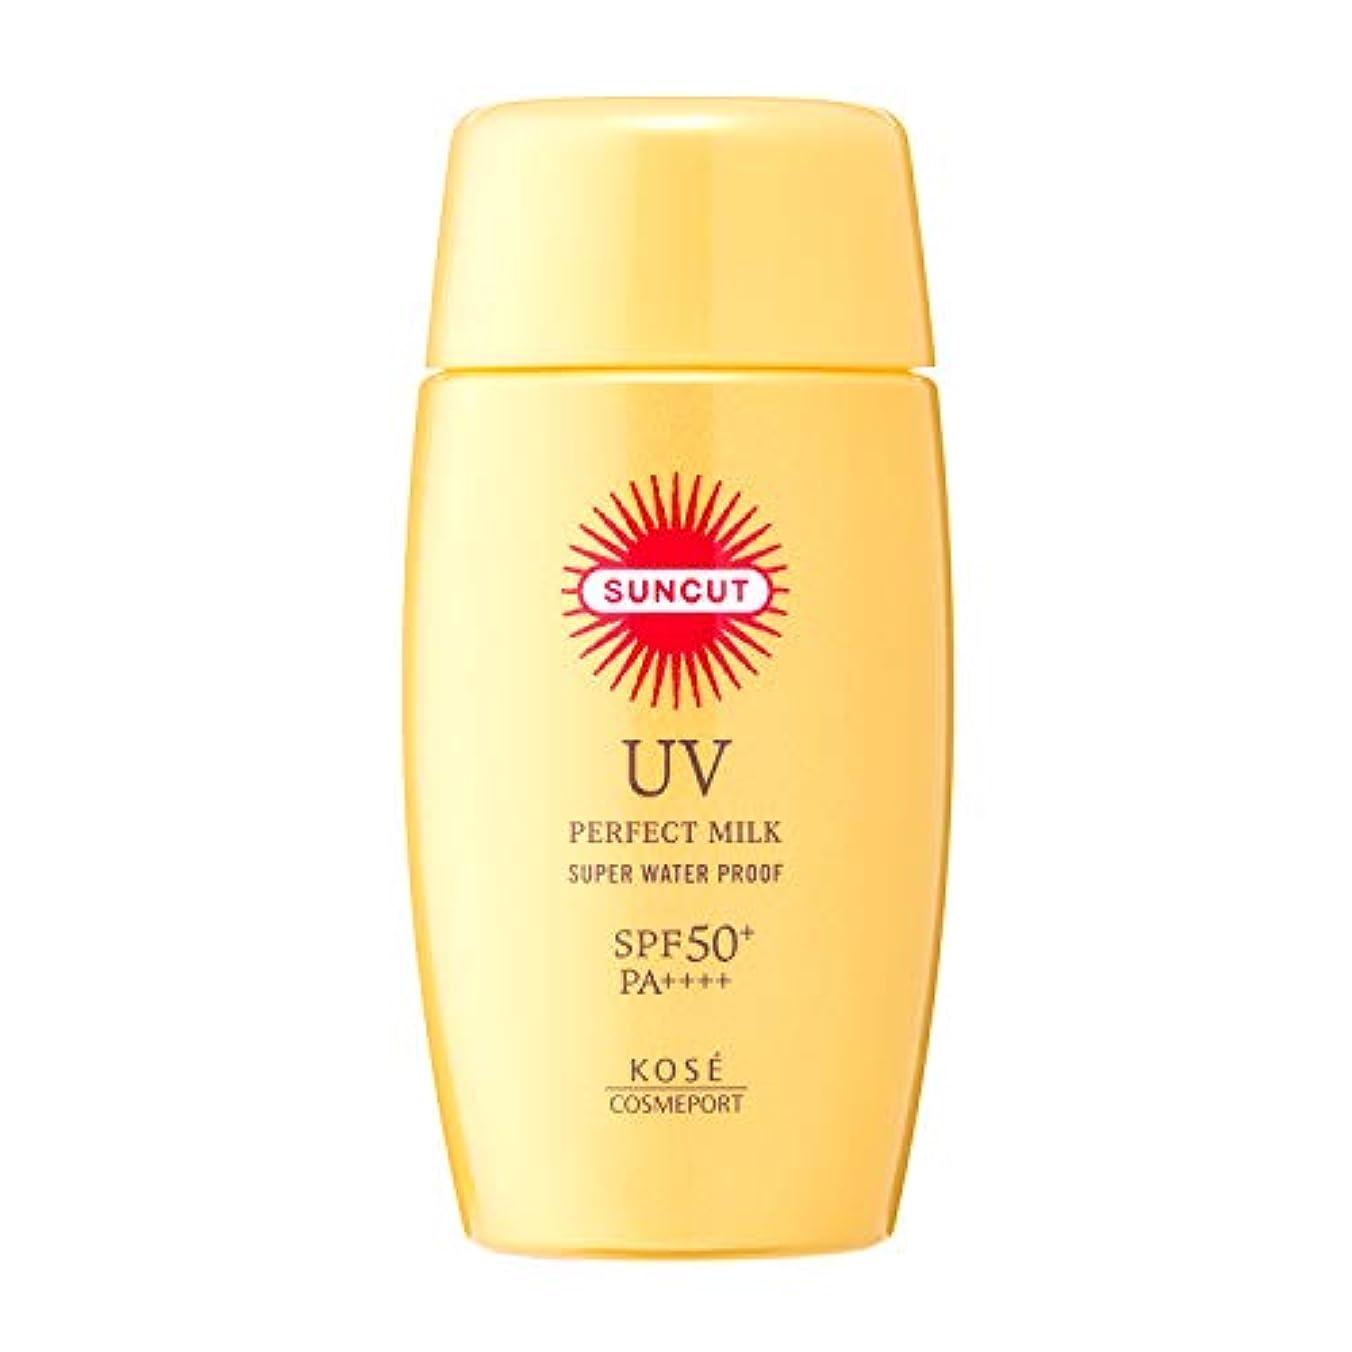 細部お気に入りペルーKOSE サンカット パーフェクト UVミルク 無香料 60mL